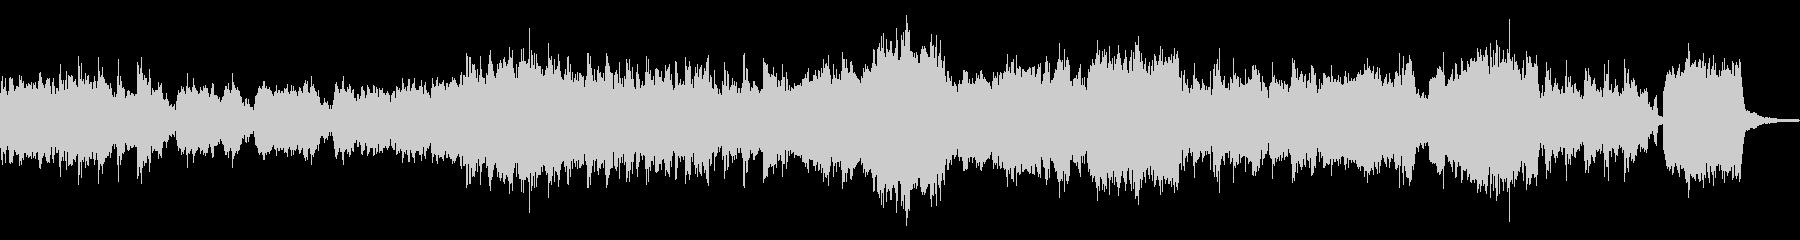 ハロウィンをイメージした曲の未再生の波形